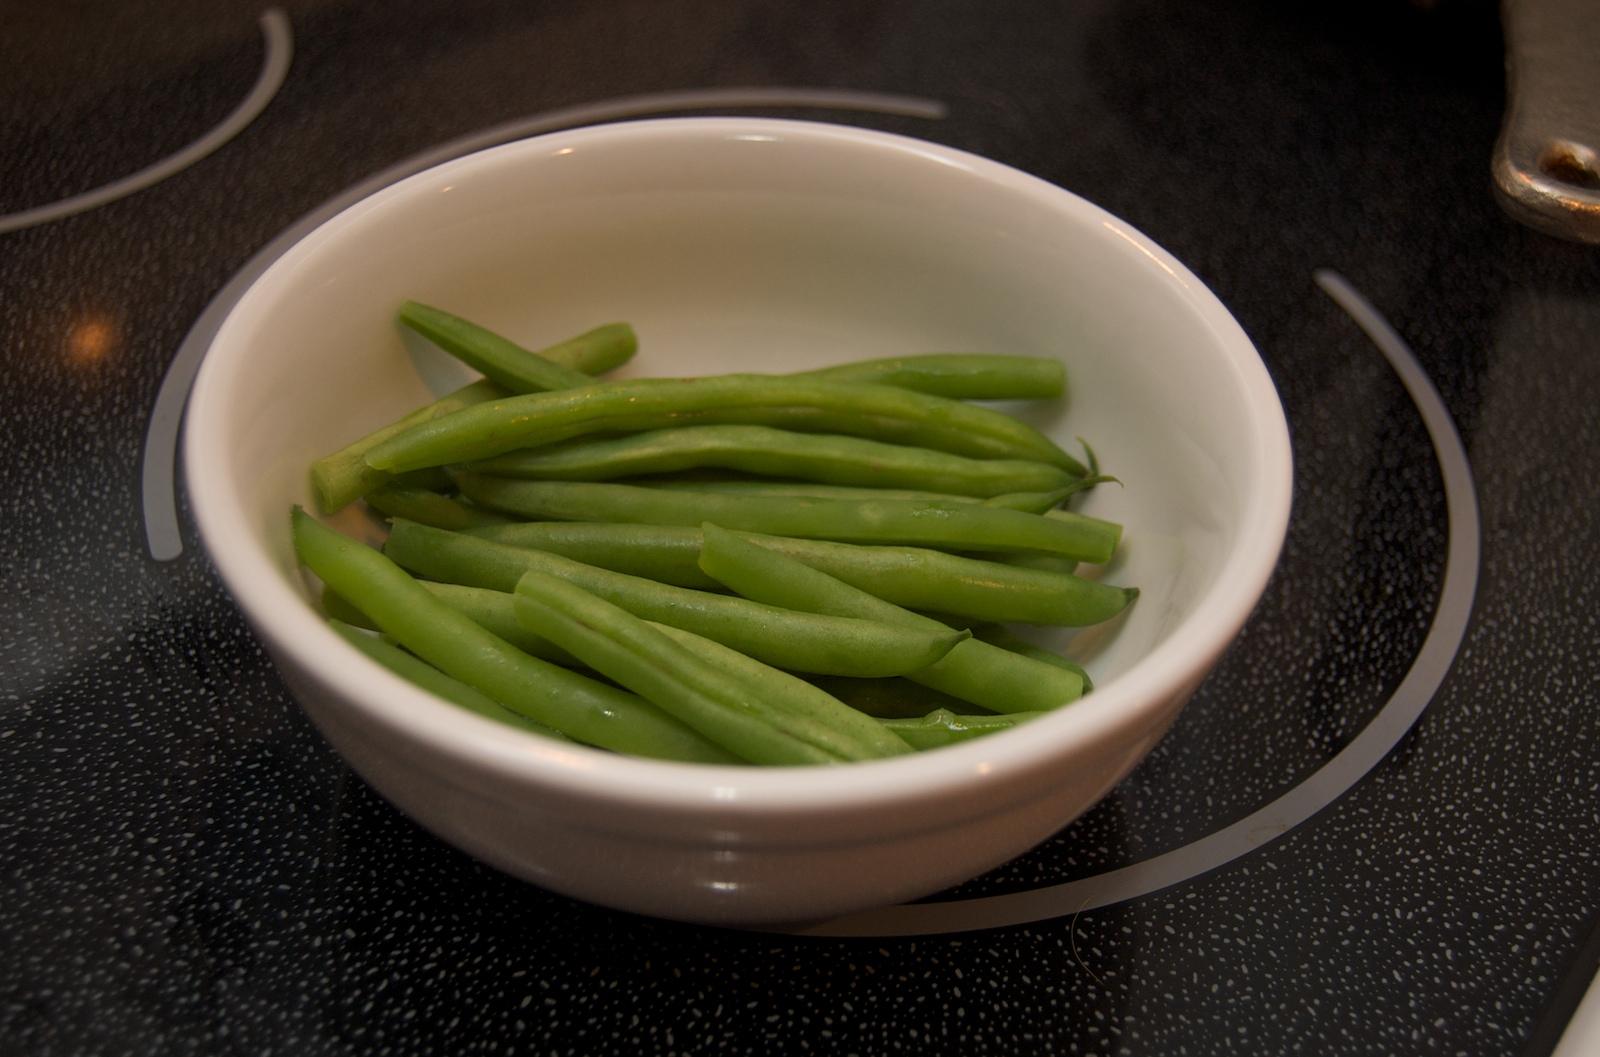 http://blog.rickk.com/food/2010/01/05/DSC_0011.jpg